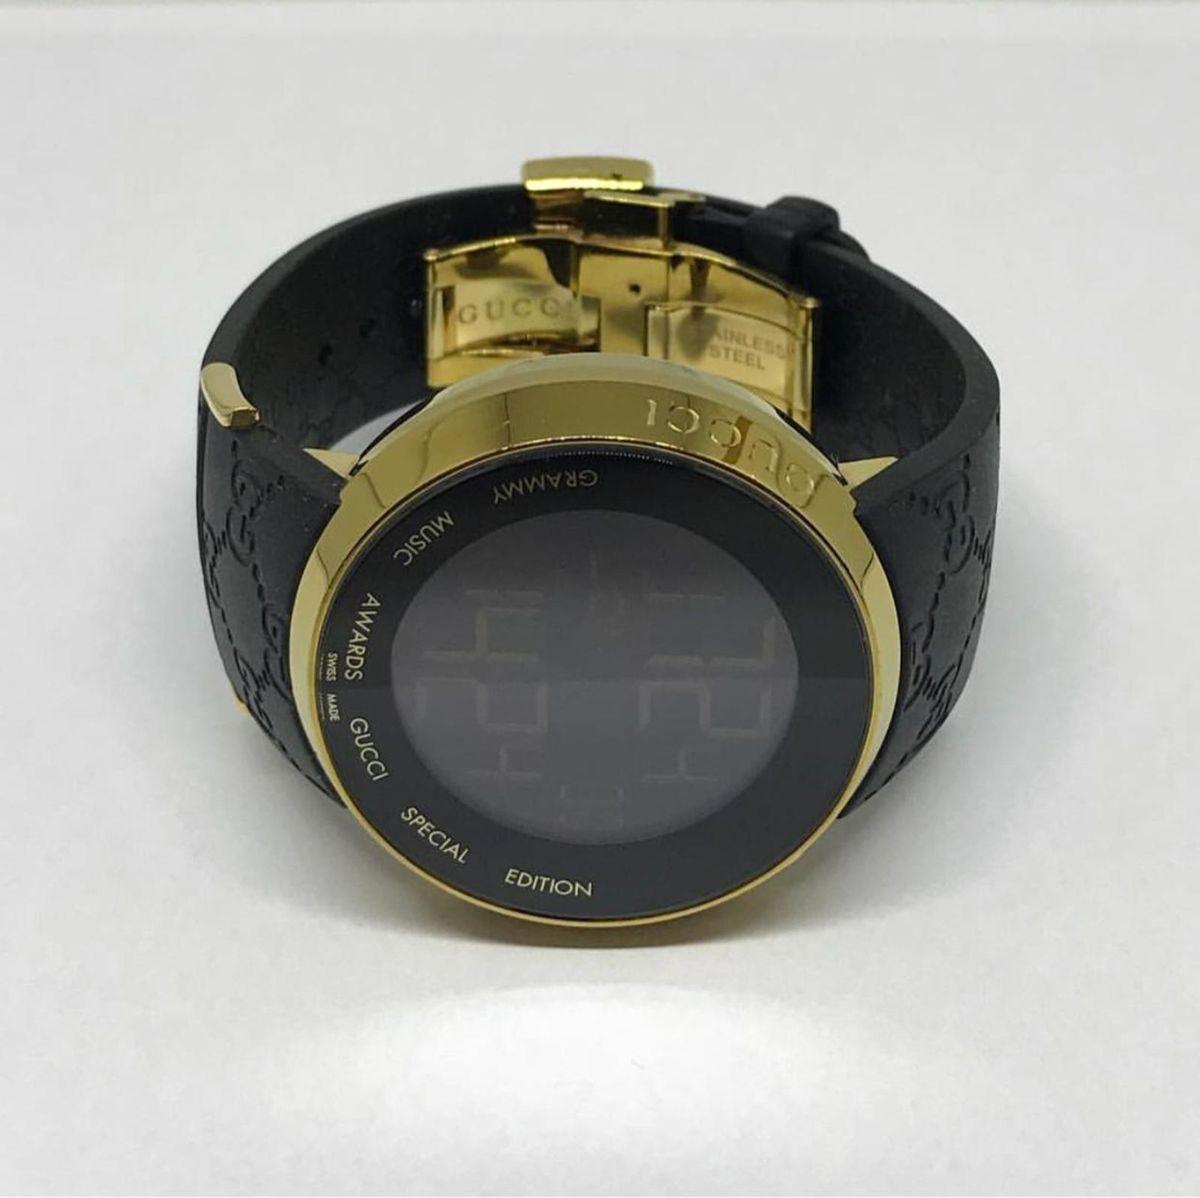 2ac1d20ef45 relógio gucci digital - relógios gucci.  Czm6ly9wag90b3muzw5qb2vplmnvbs5ici9wcm9kdwn0cy81mdc3mjyvmjg5ymriztrkzdhjmzeyyzy5nwmwztk0ntfhzguwzgmuanbn  ...